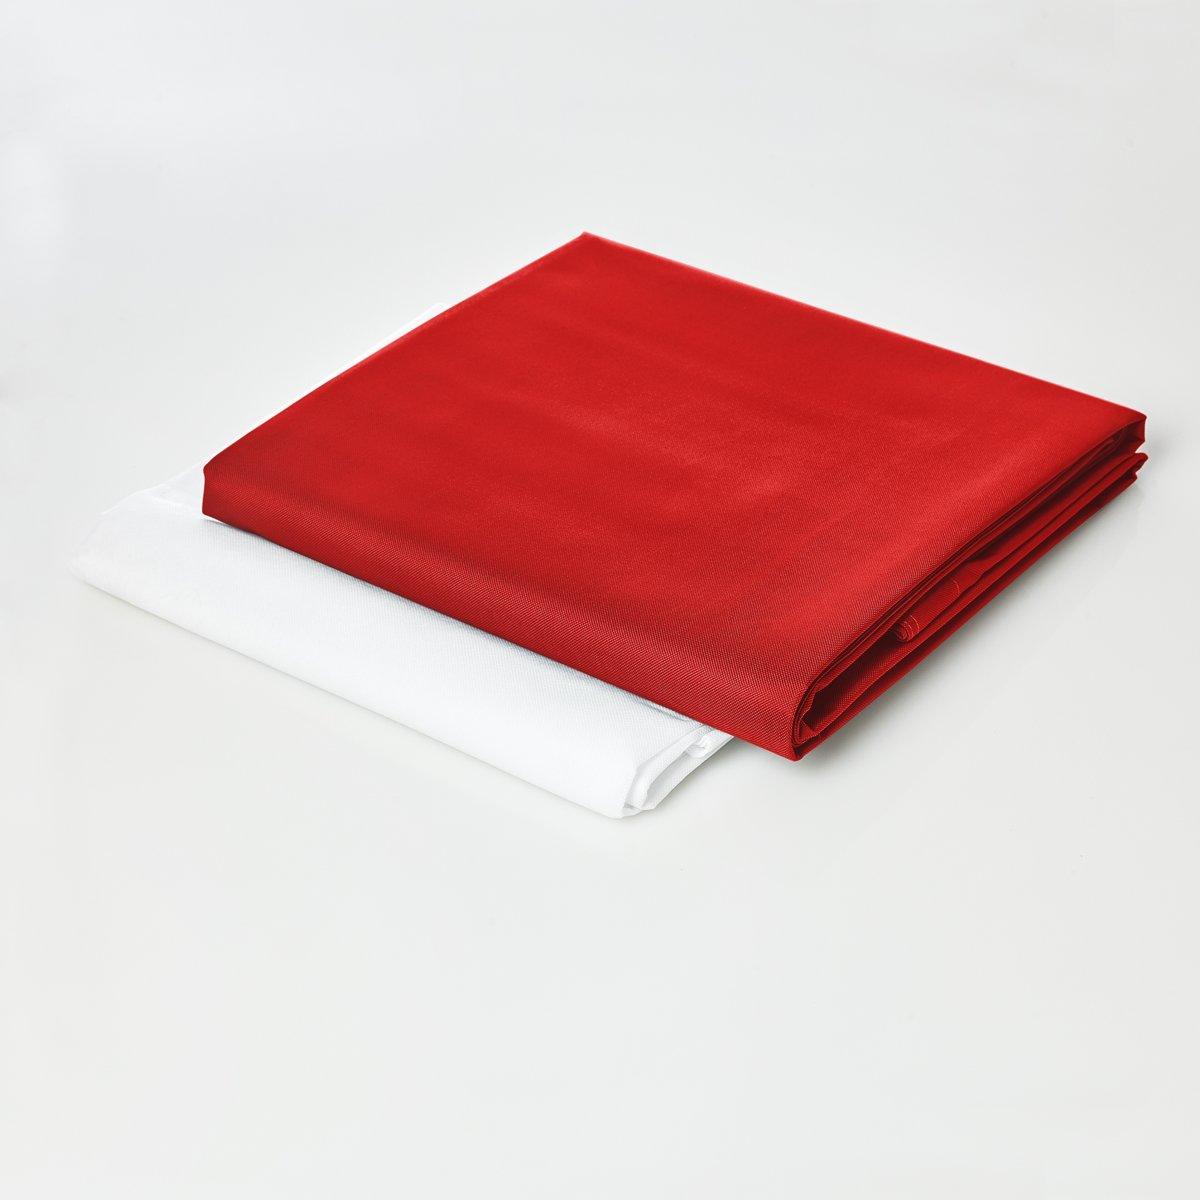 Lumaland - Hoes van luxe XXL zitzak - enkel de hoes zonder vulling - Volume 380 liter - 140 x 180 cm - gemaakt van PVC / Polyester - Rood kopen